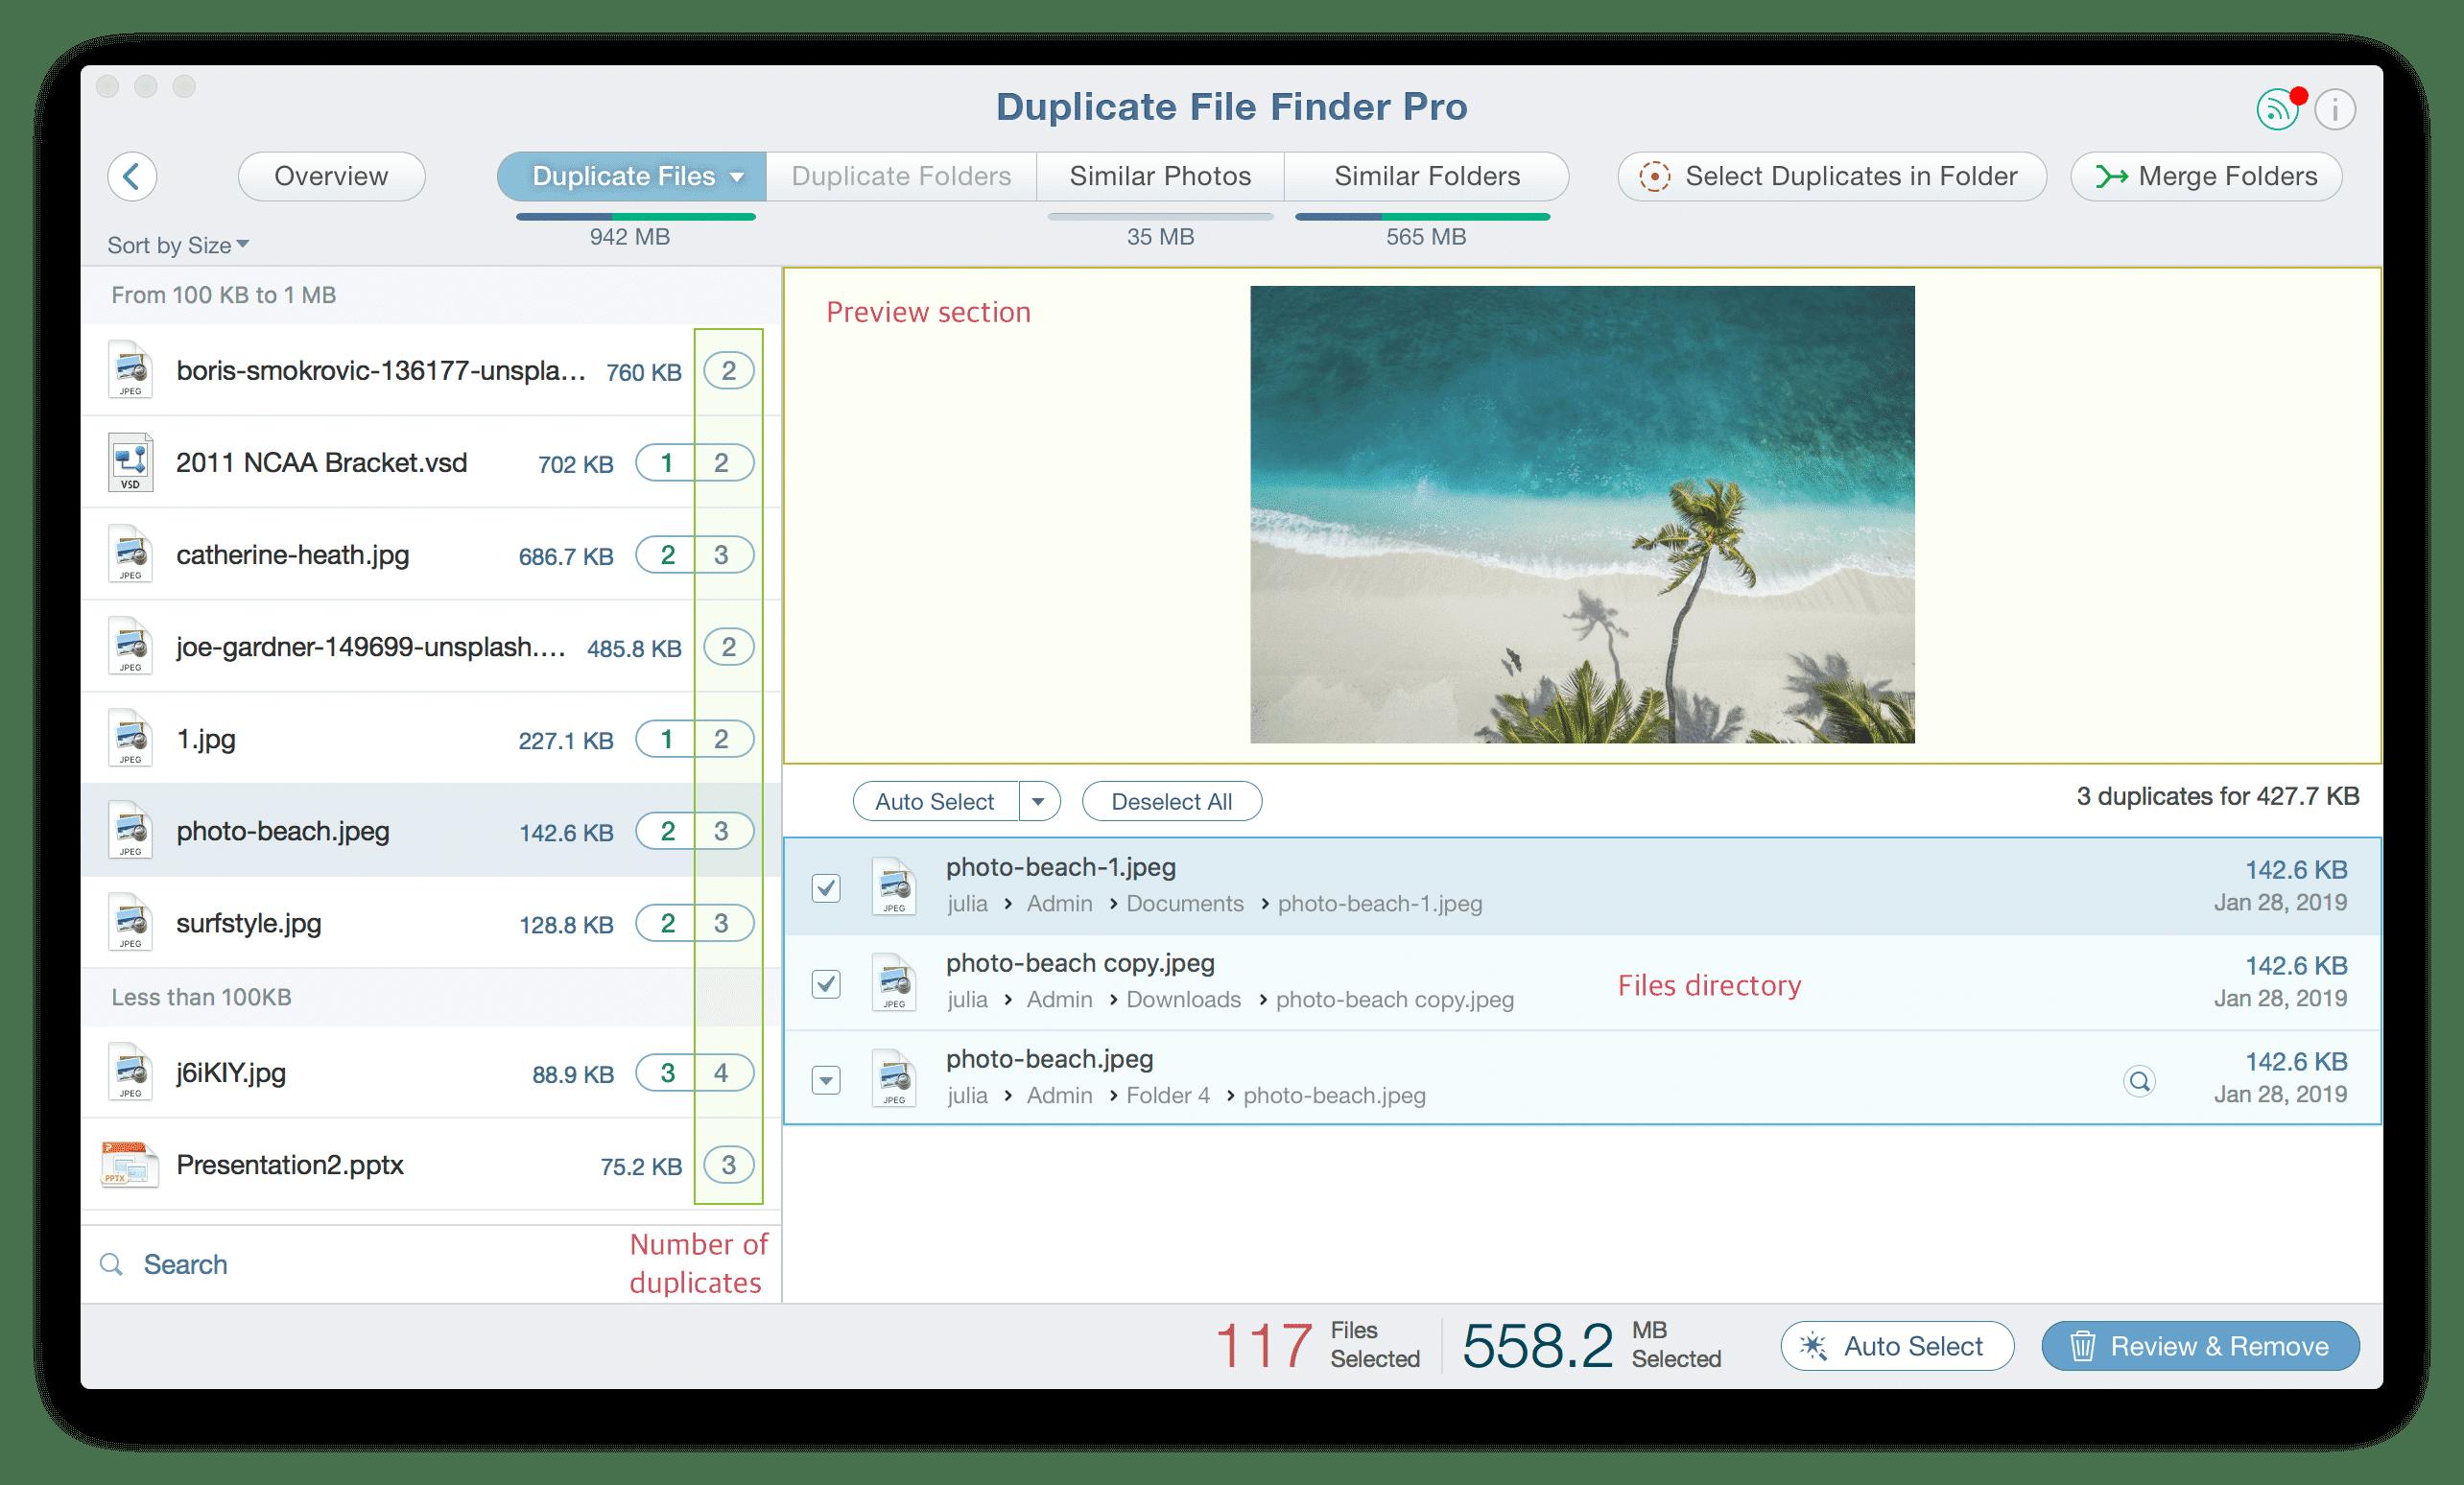 Duplicate File Finder showing amount of duplicates in Duplicate Files tab